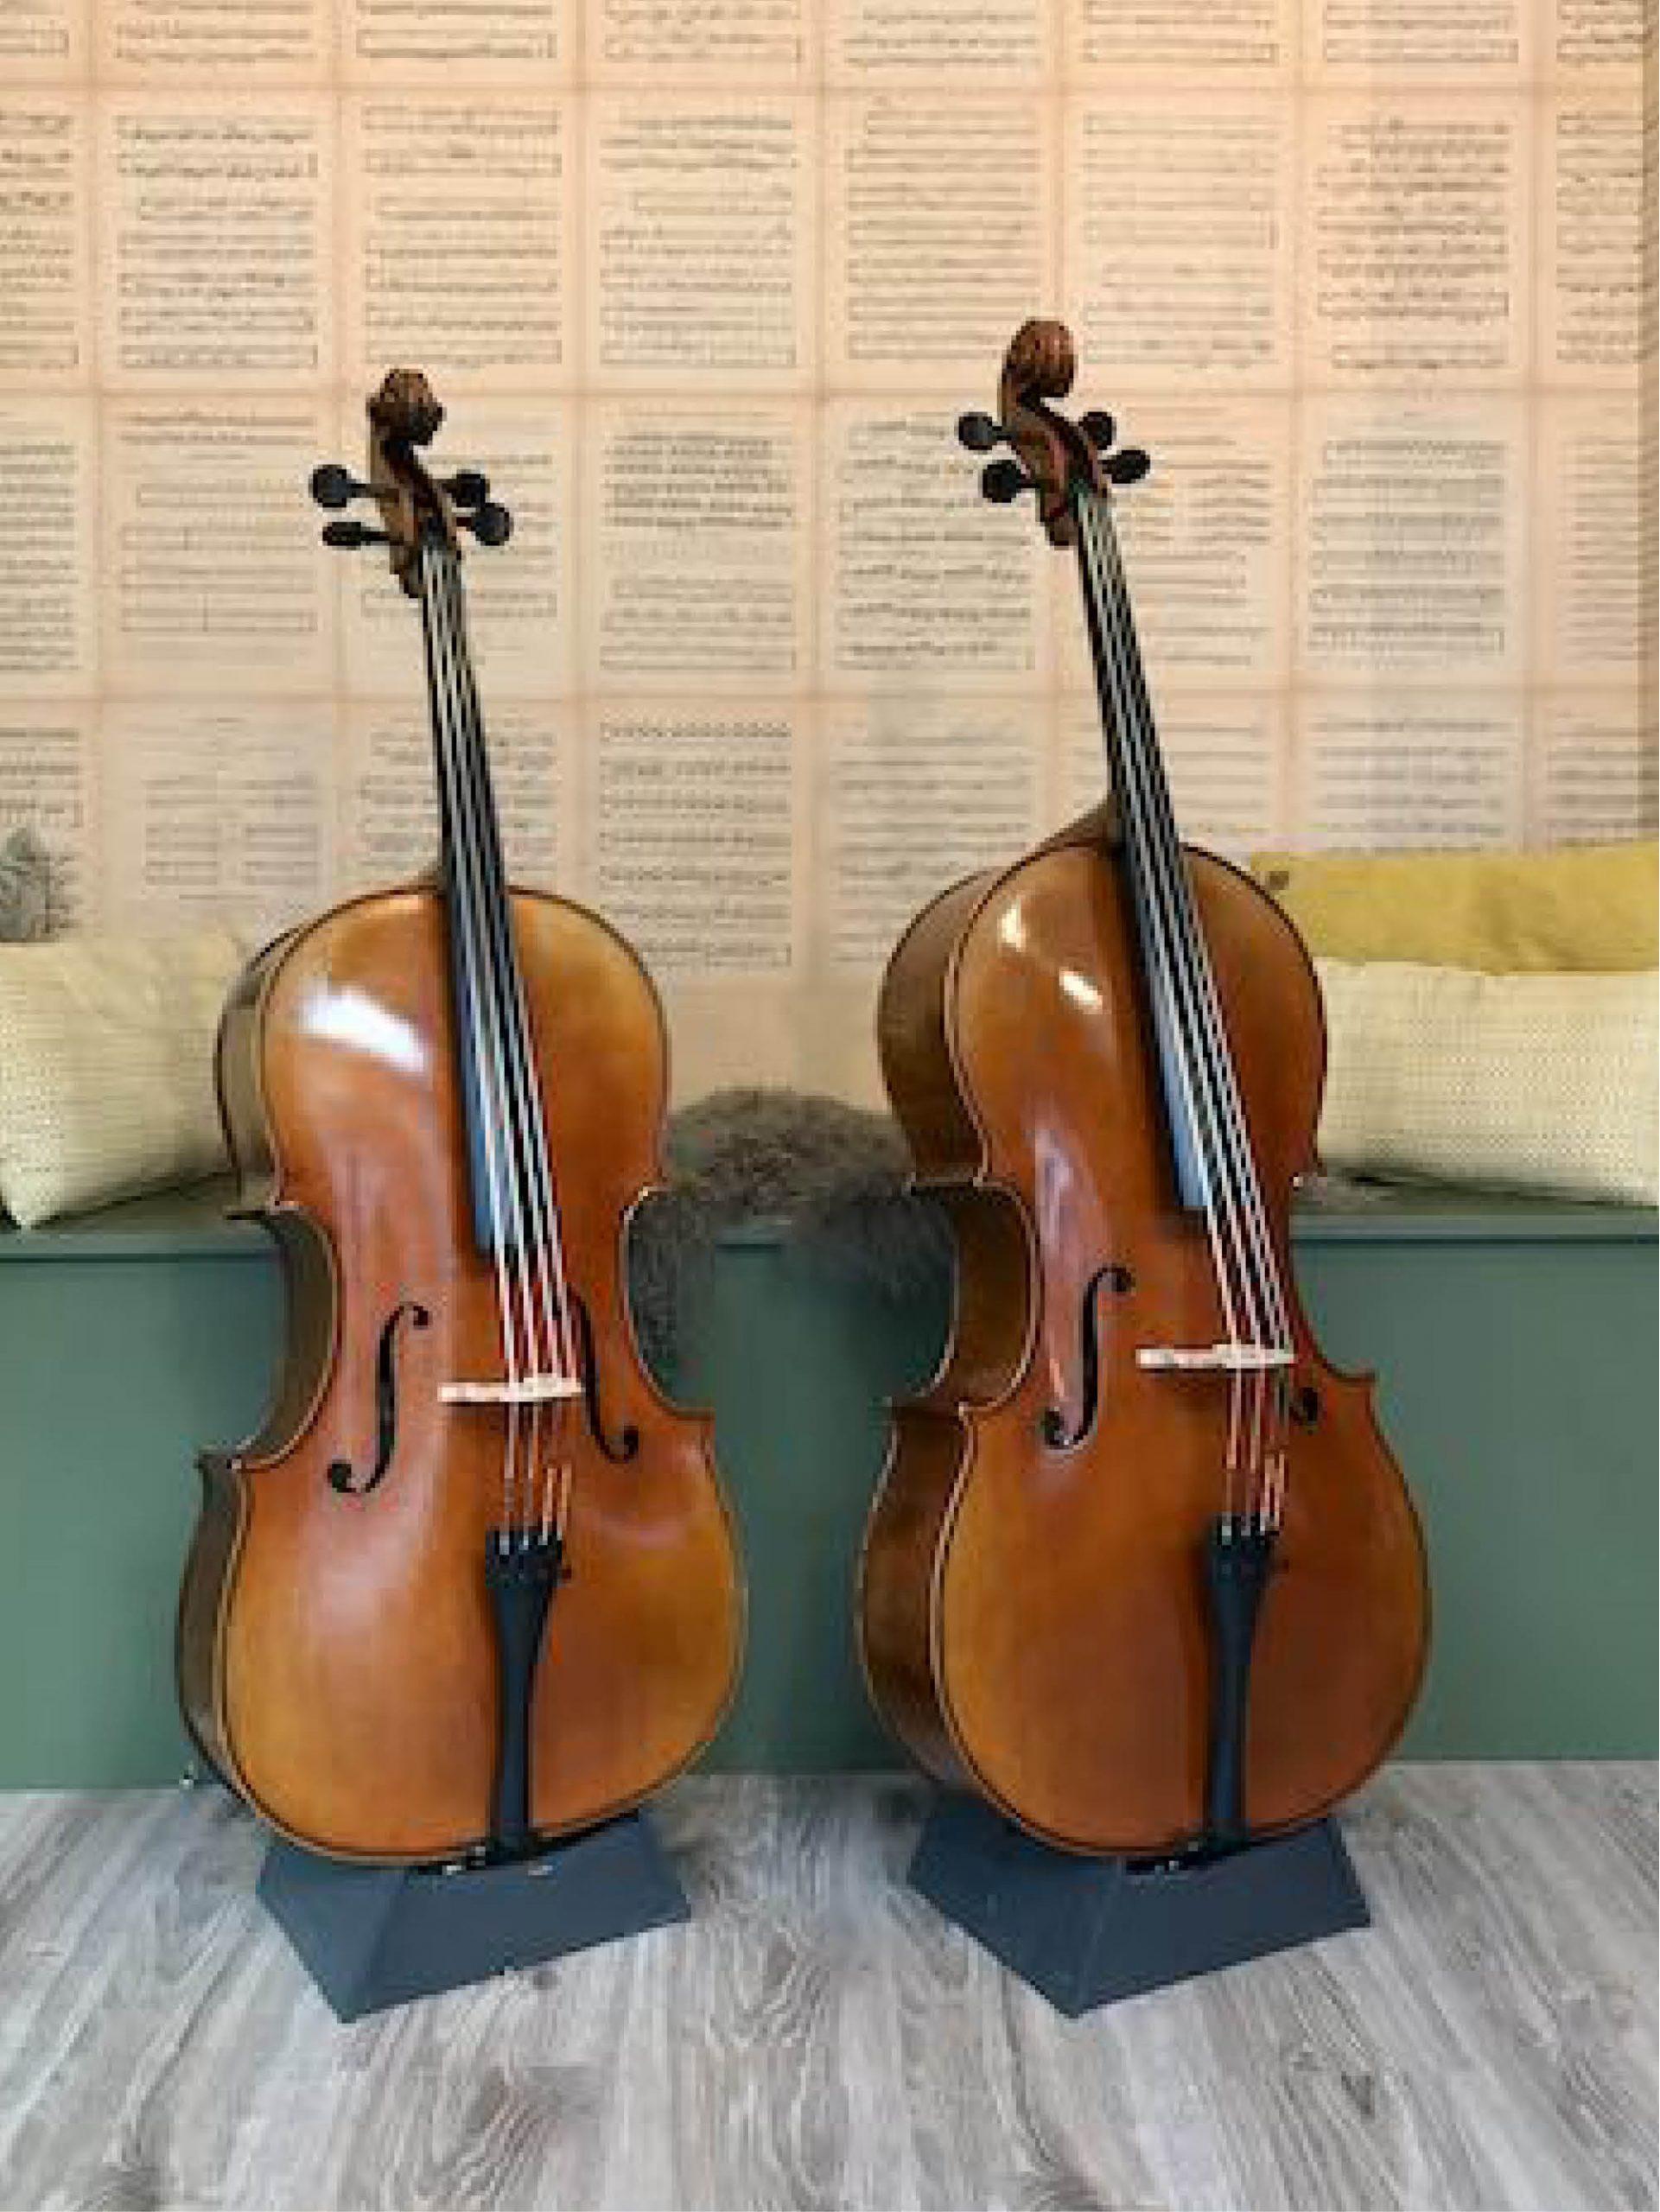 Celloverkoop-4-4- Belgische cello-4995-Scarlett Arts